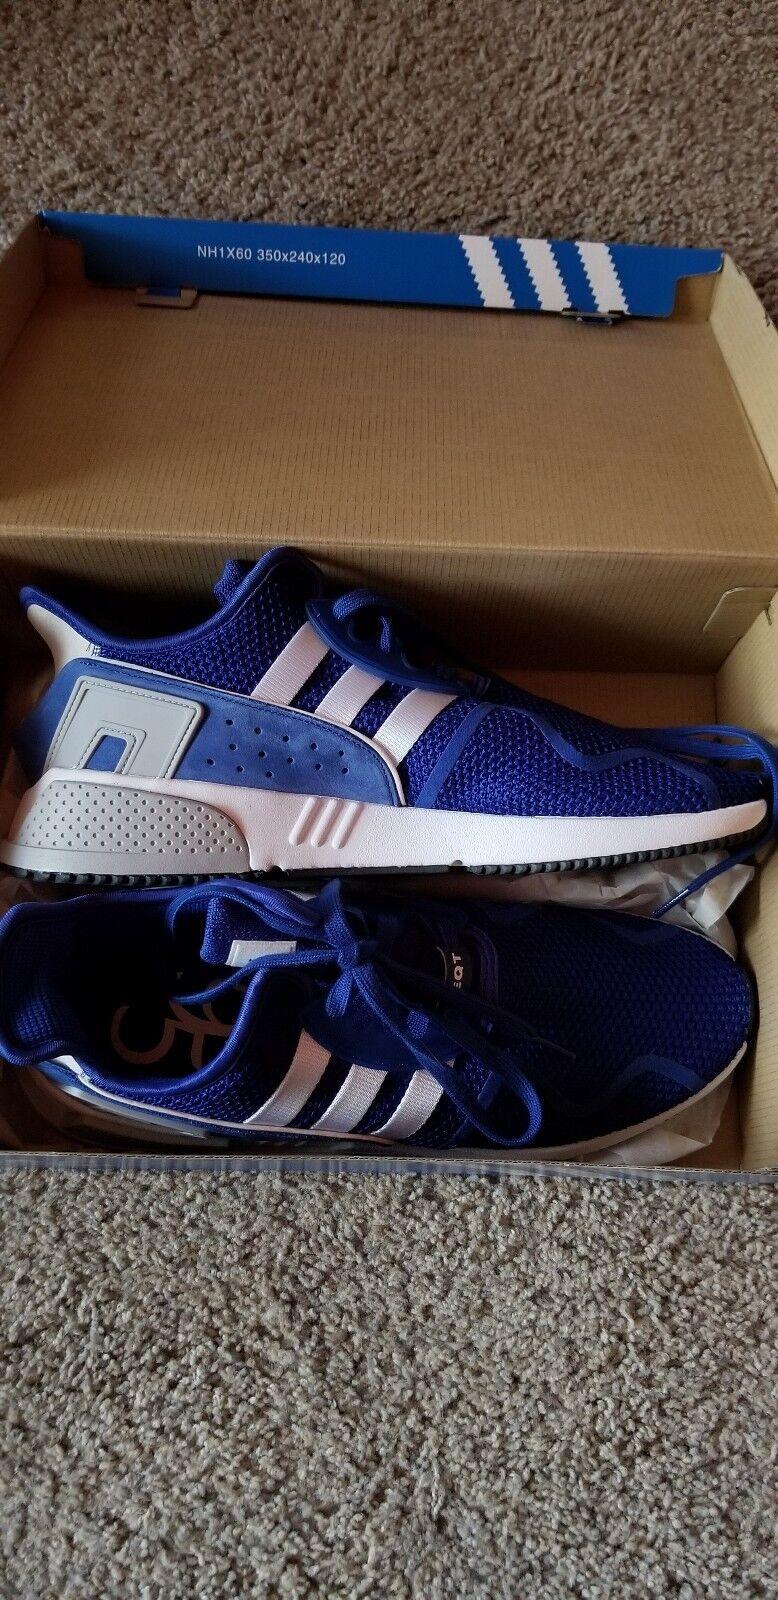 Brand new adidas eqt avanzata / 91-17 blu reale Uomo 11,5